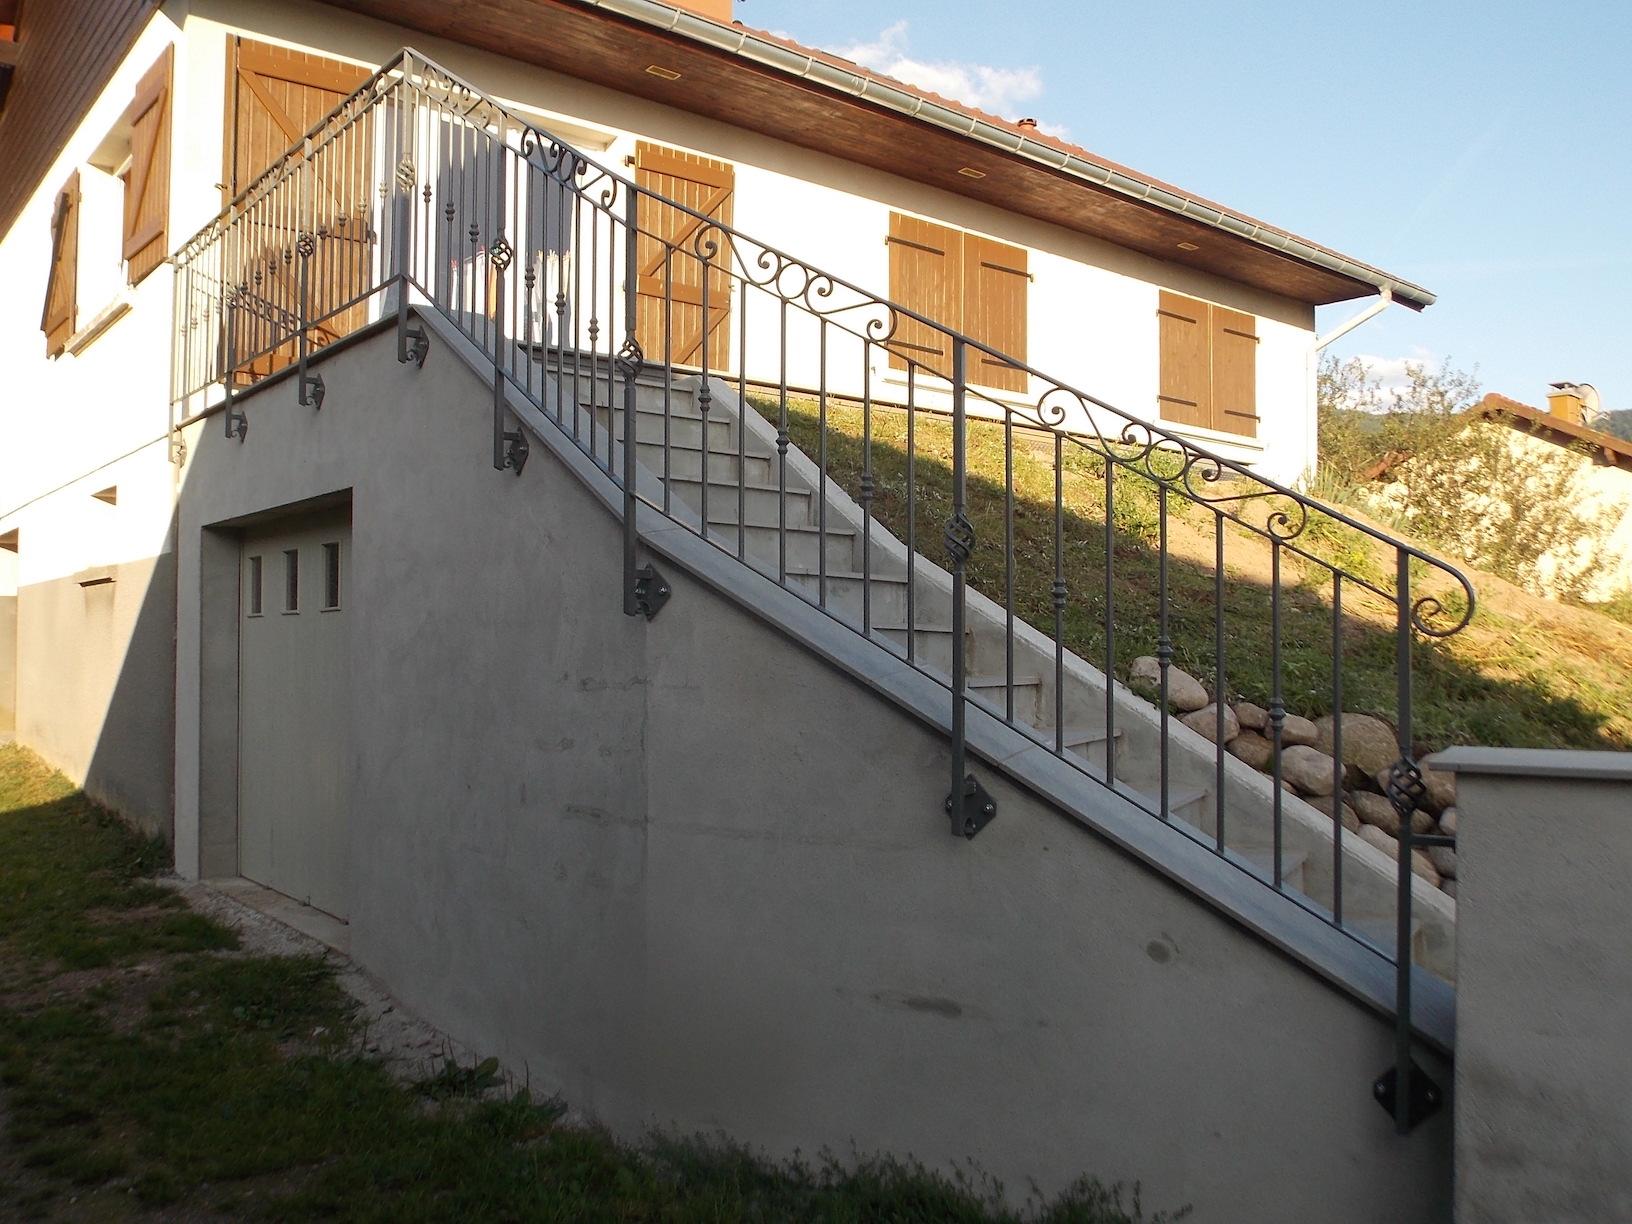 Conception et fabrication complète par notre client d'un garde corps et rampe de protection terrasse et escalier  en fer forgé -  Réalisation à  partir de notre gamme de pièces détachées - Localisation Vosges